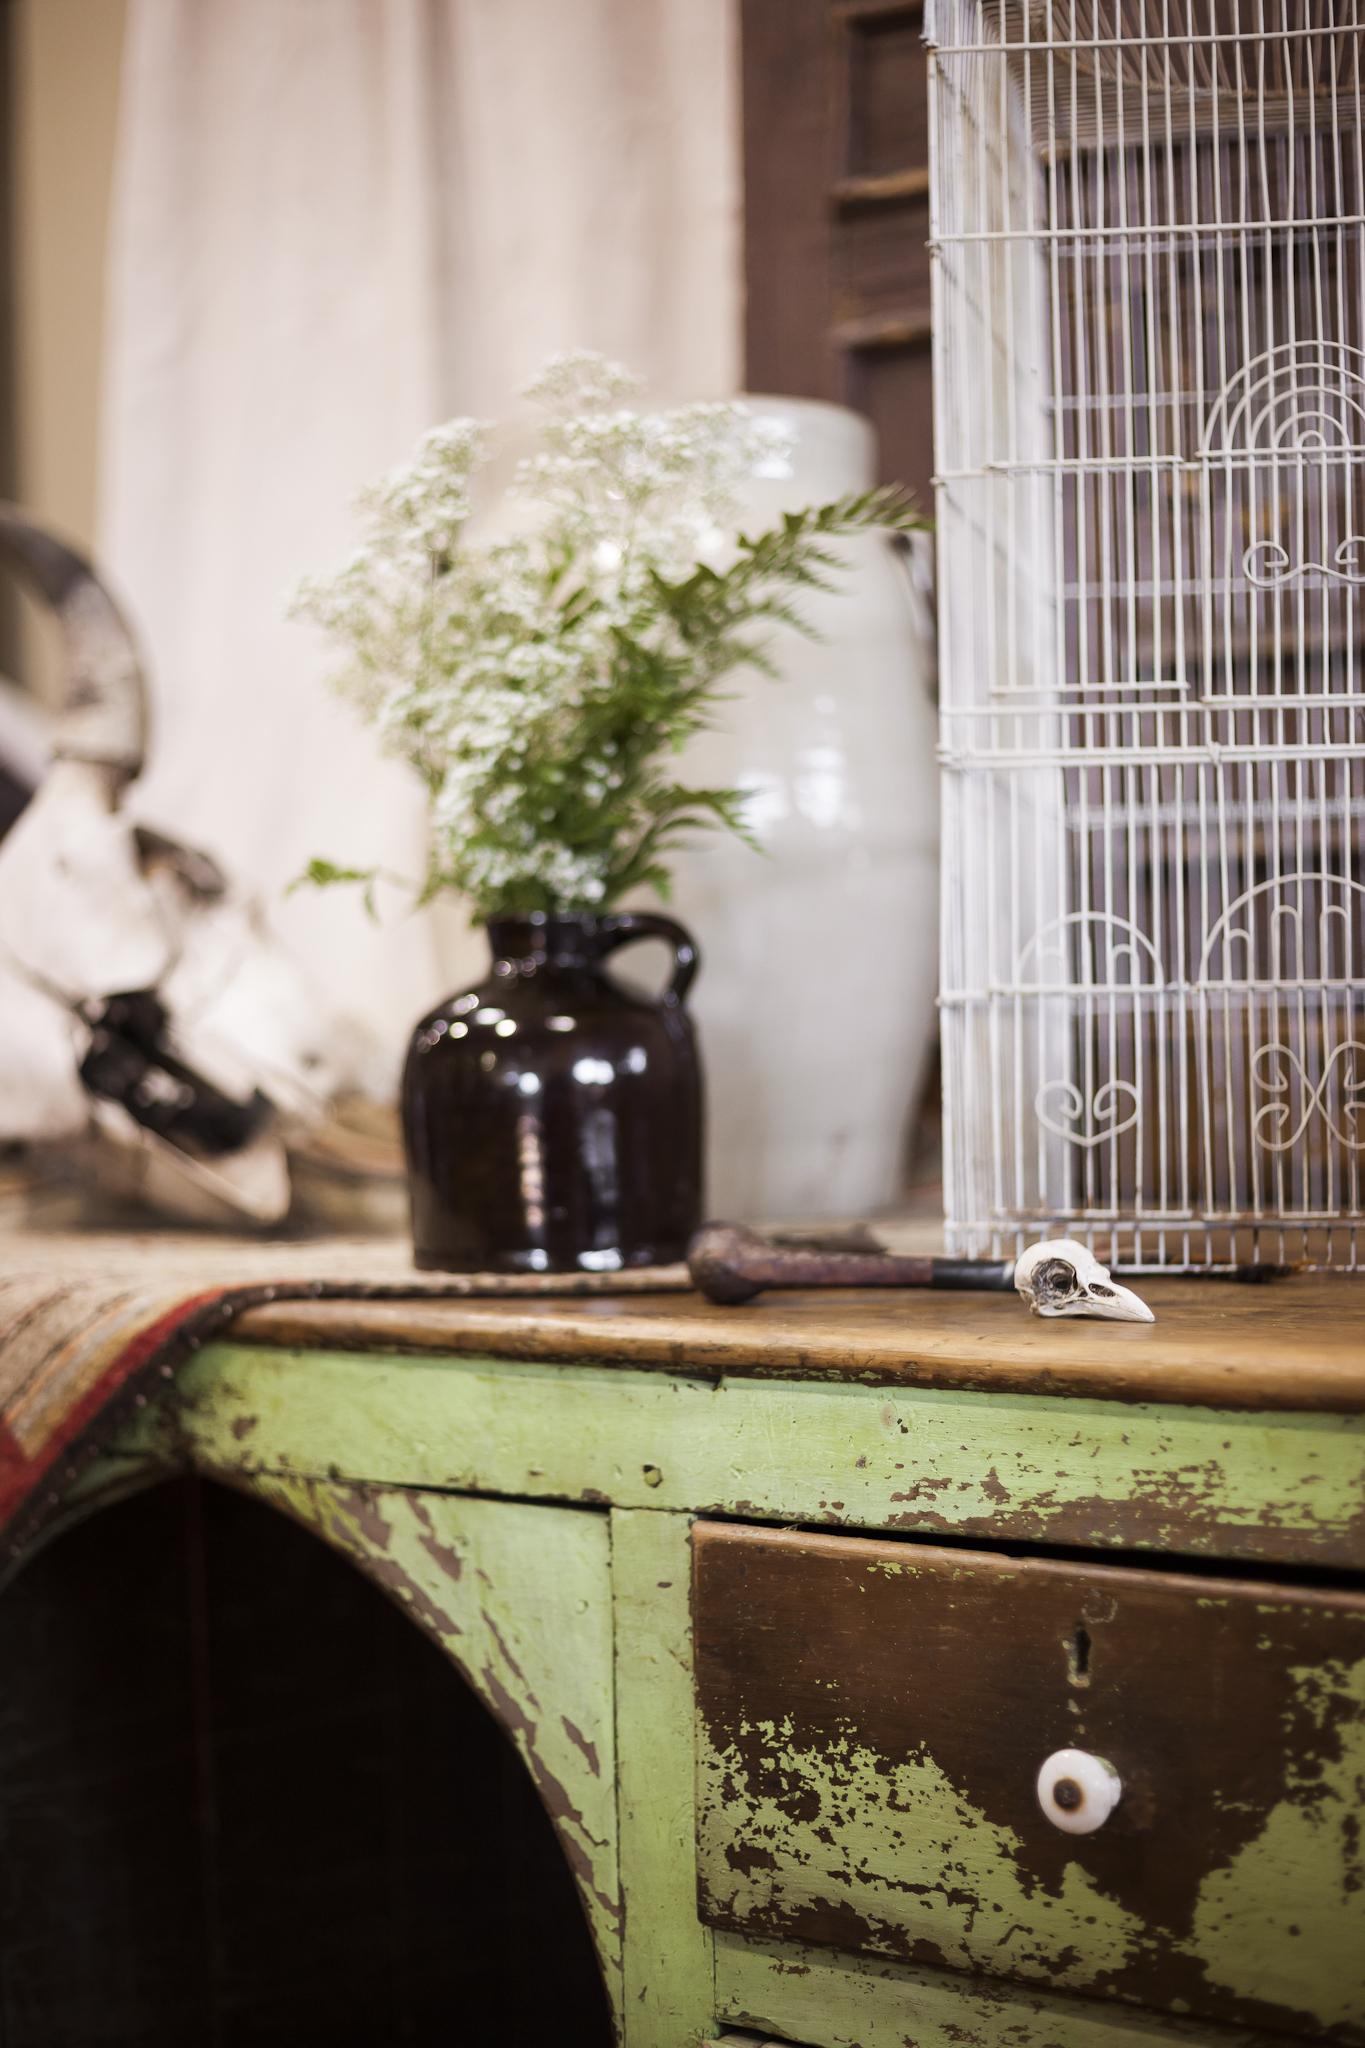 Aged Skull and Vintage Vase on a Distressed Old Desk